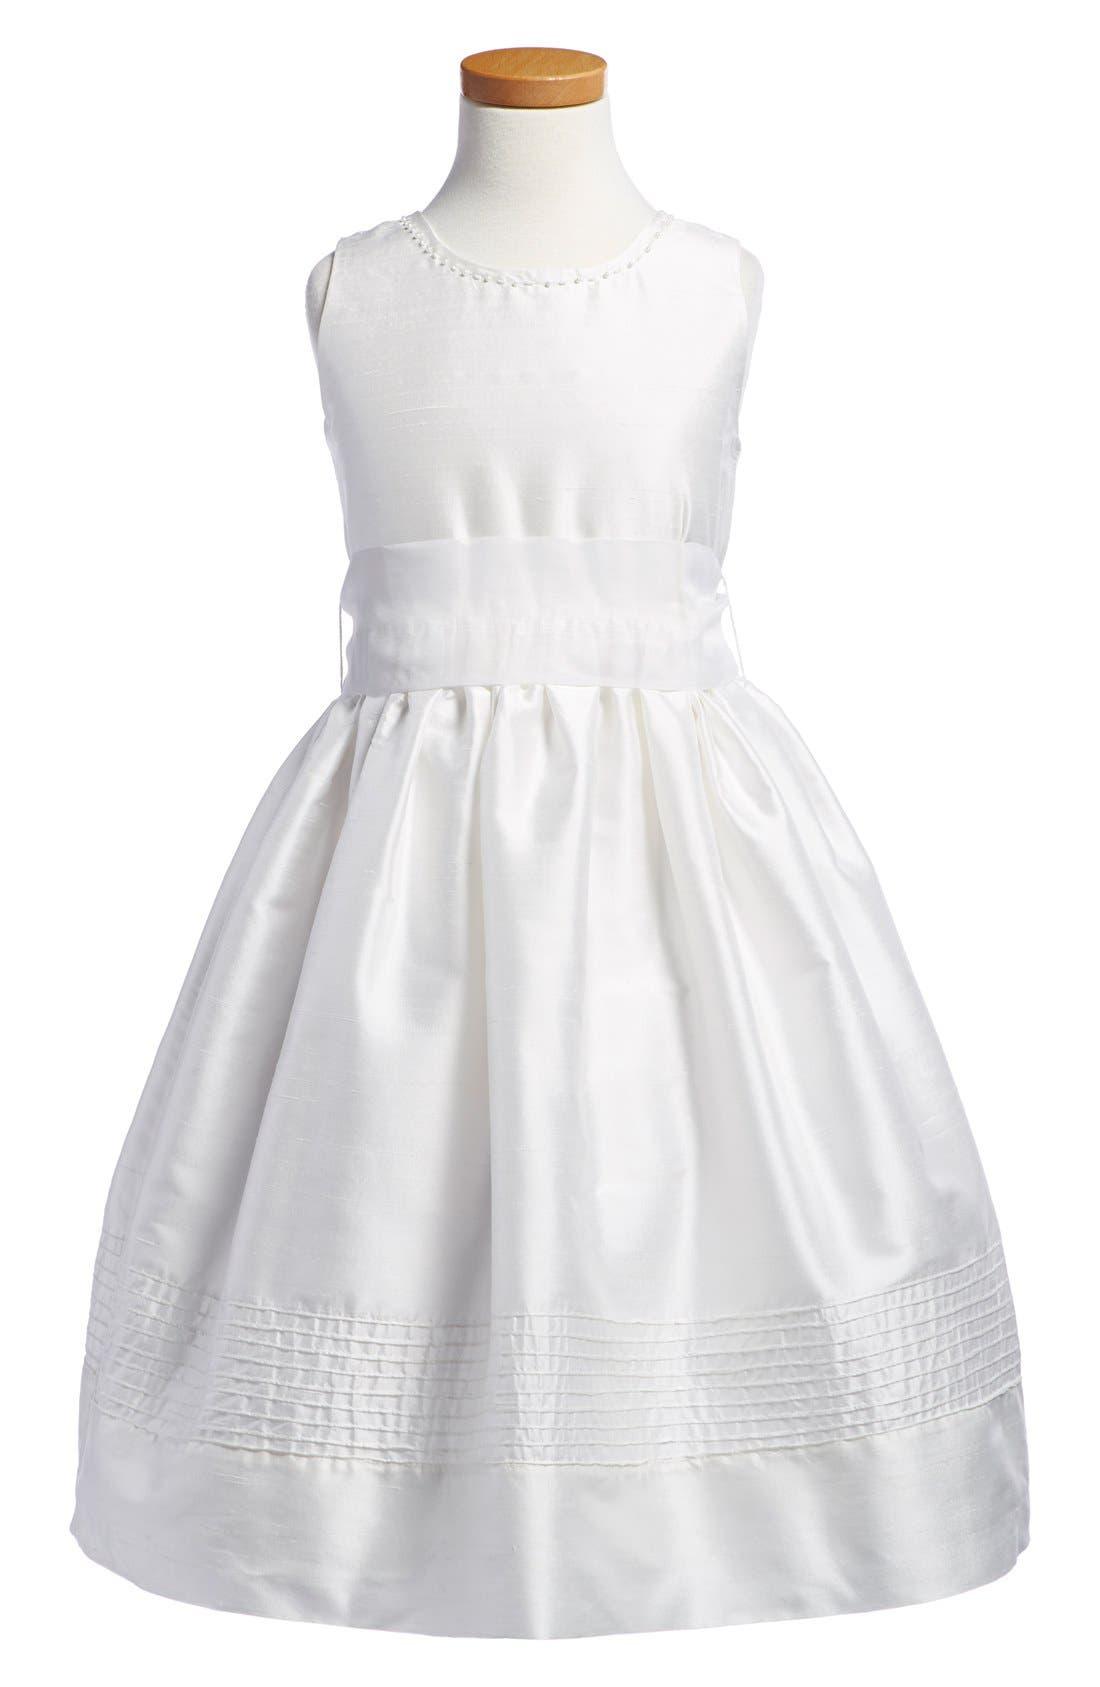 Alternate Image 1 Selected - Isabel Garreton 'Melody' Sleeveless Dress (Toddler Girls)